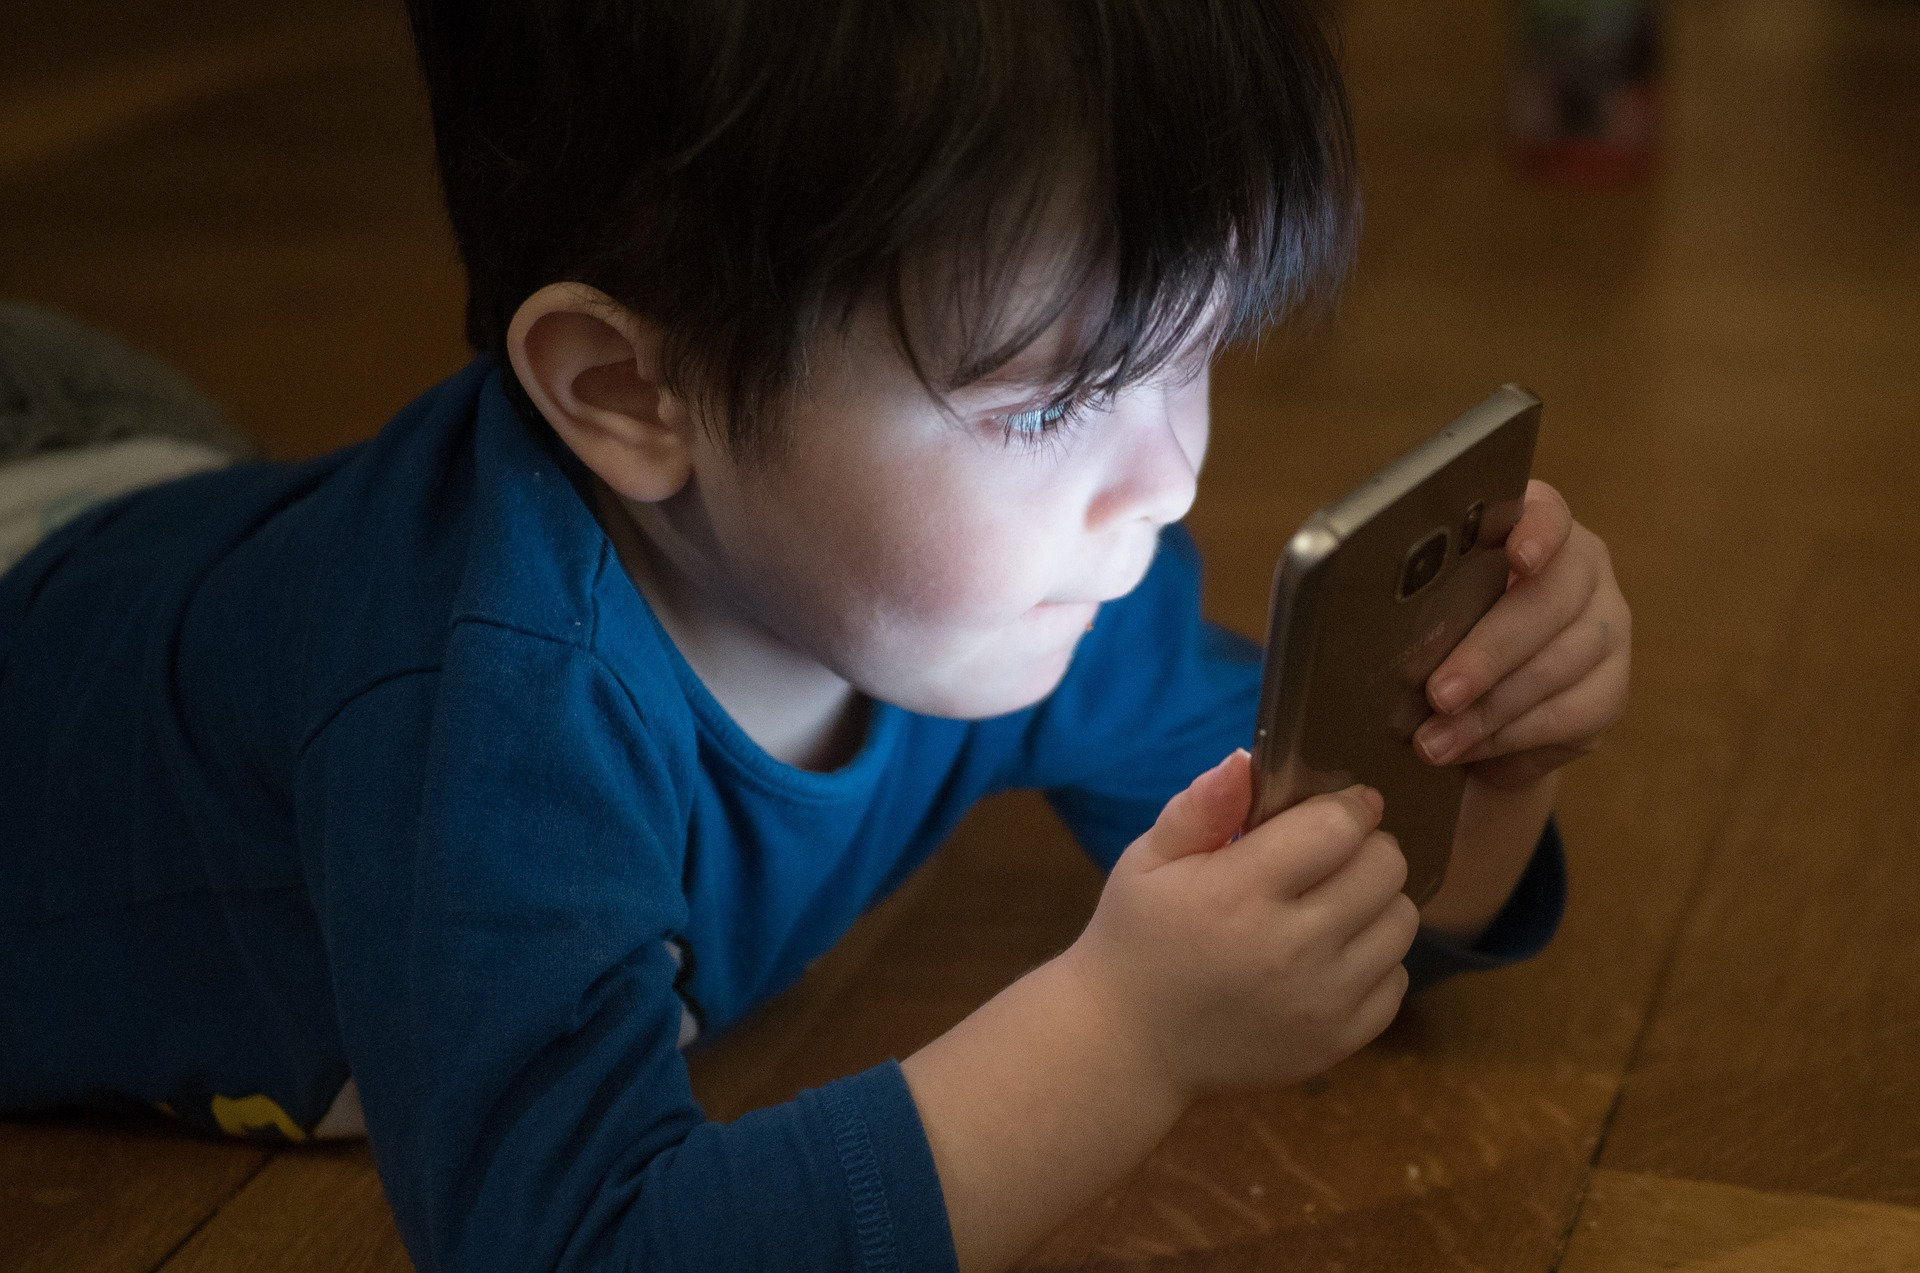 """""""Hol szabjak határt a gyerekem kütyüzésében?"""" – Az internet és a digitális világ előnyei és hátrányai a gyerekek életében"""